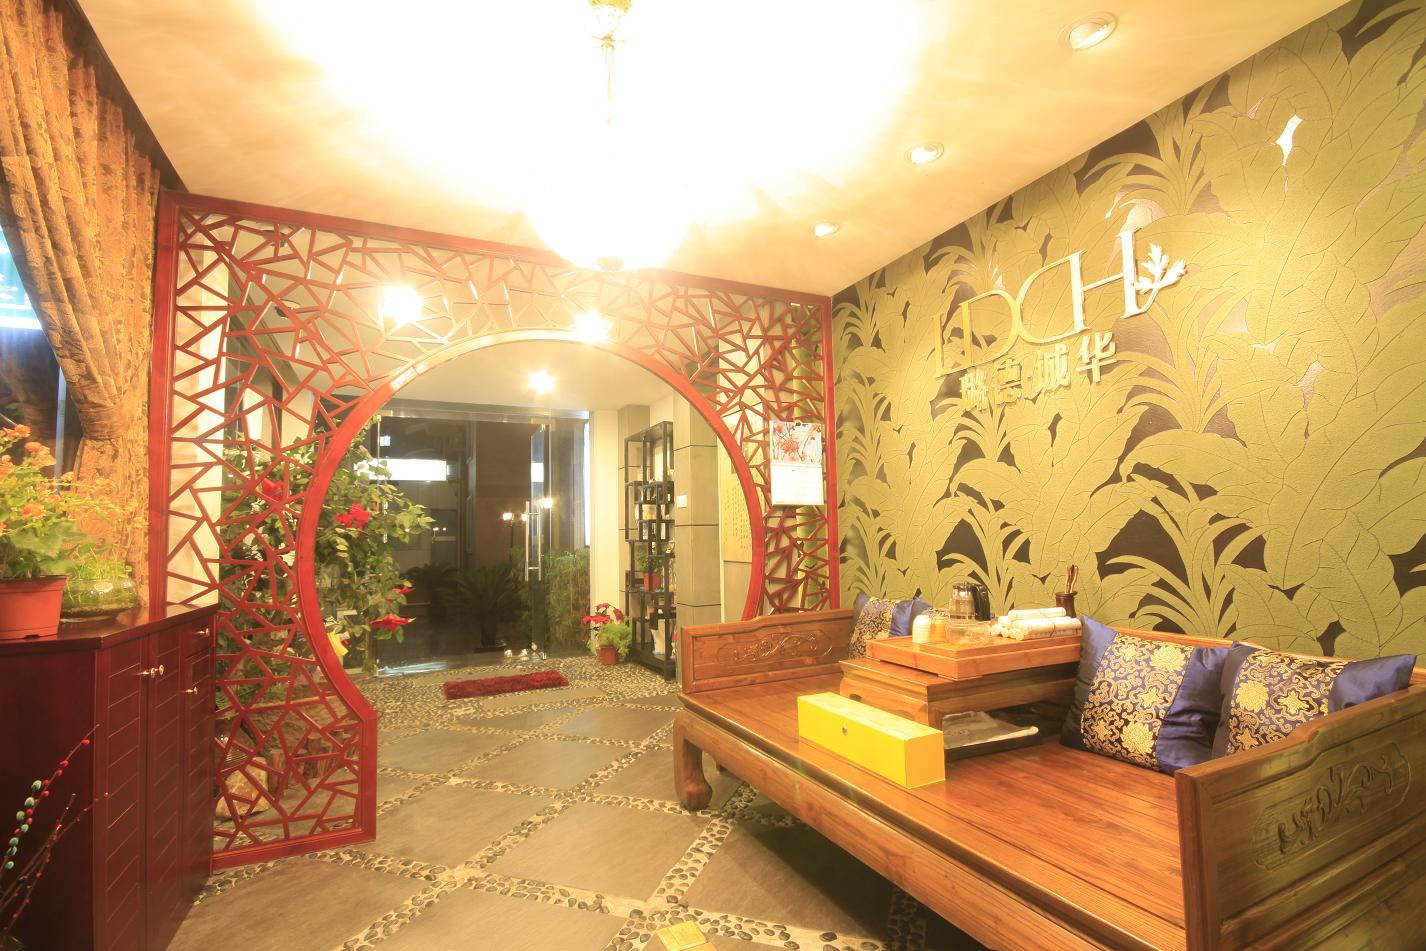 中式养生馆设计图展示